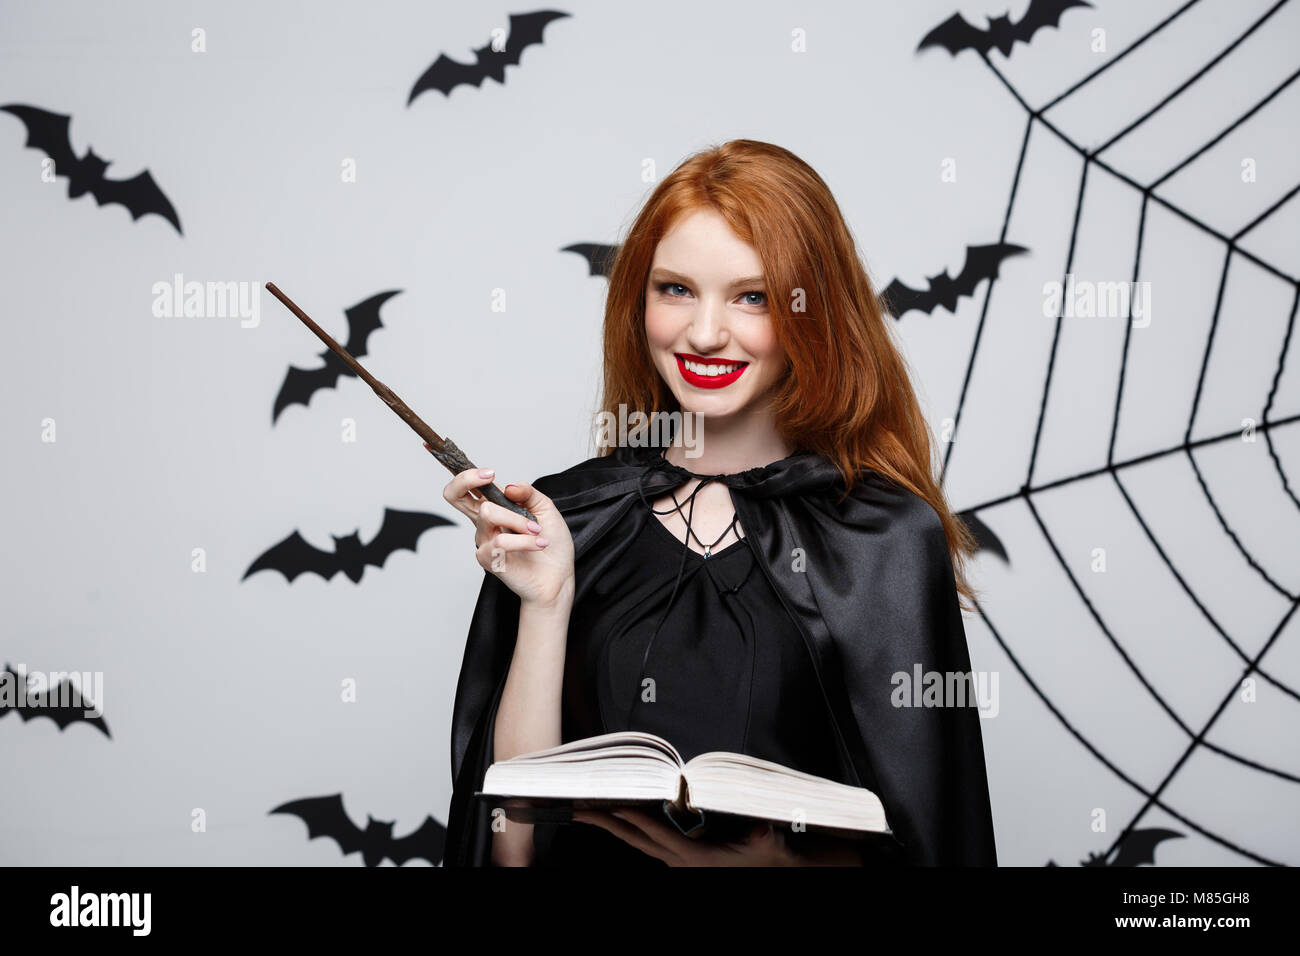 Concepto de Halloween - Hermosa Bruja jugando con la varita mágica y la magia del libro sobre fondo gris. Foto de stock